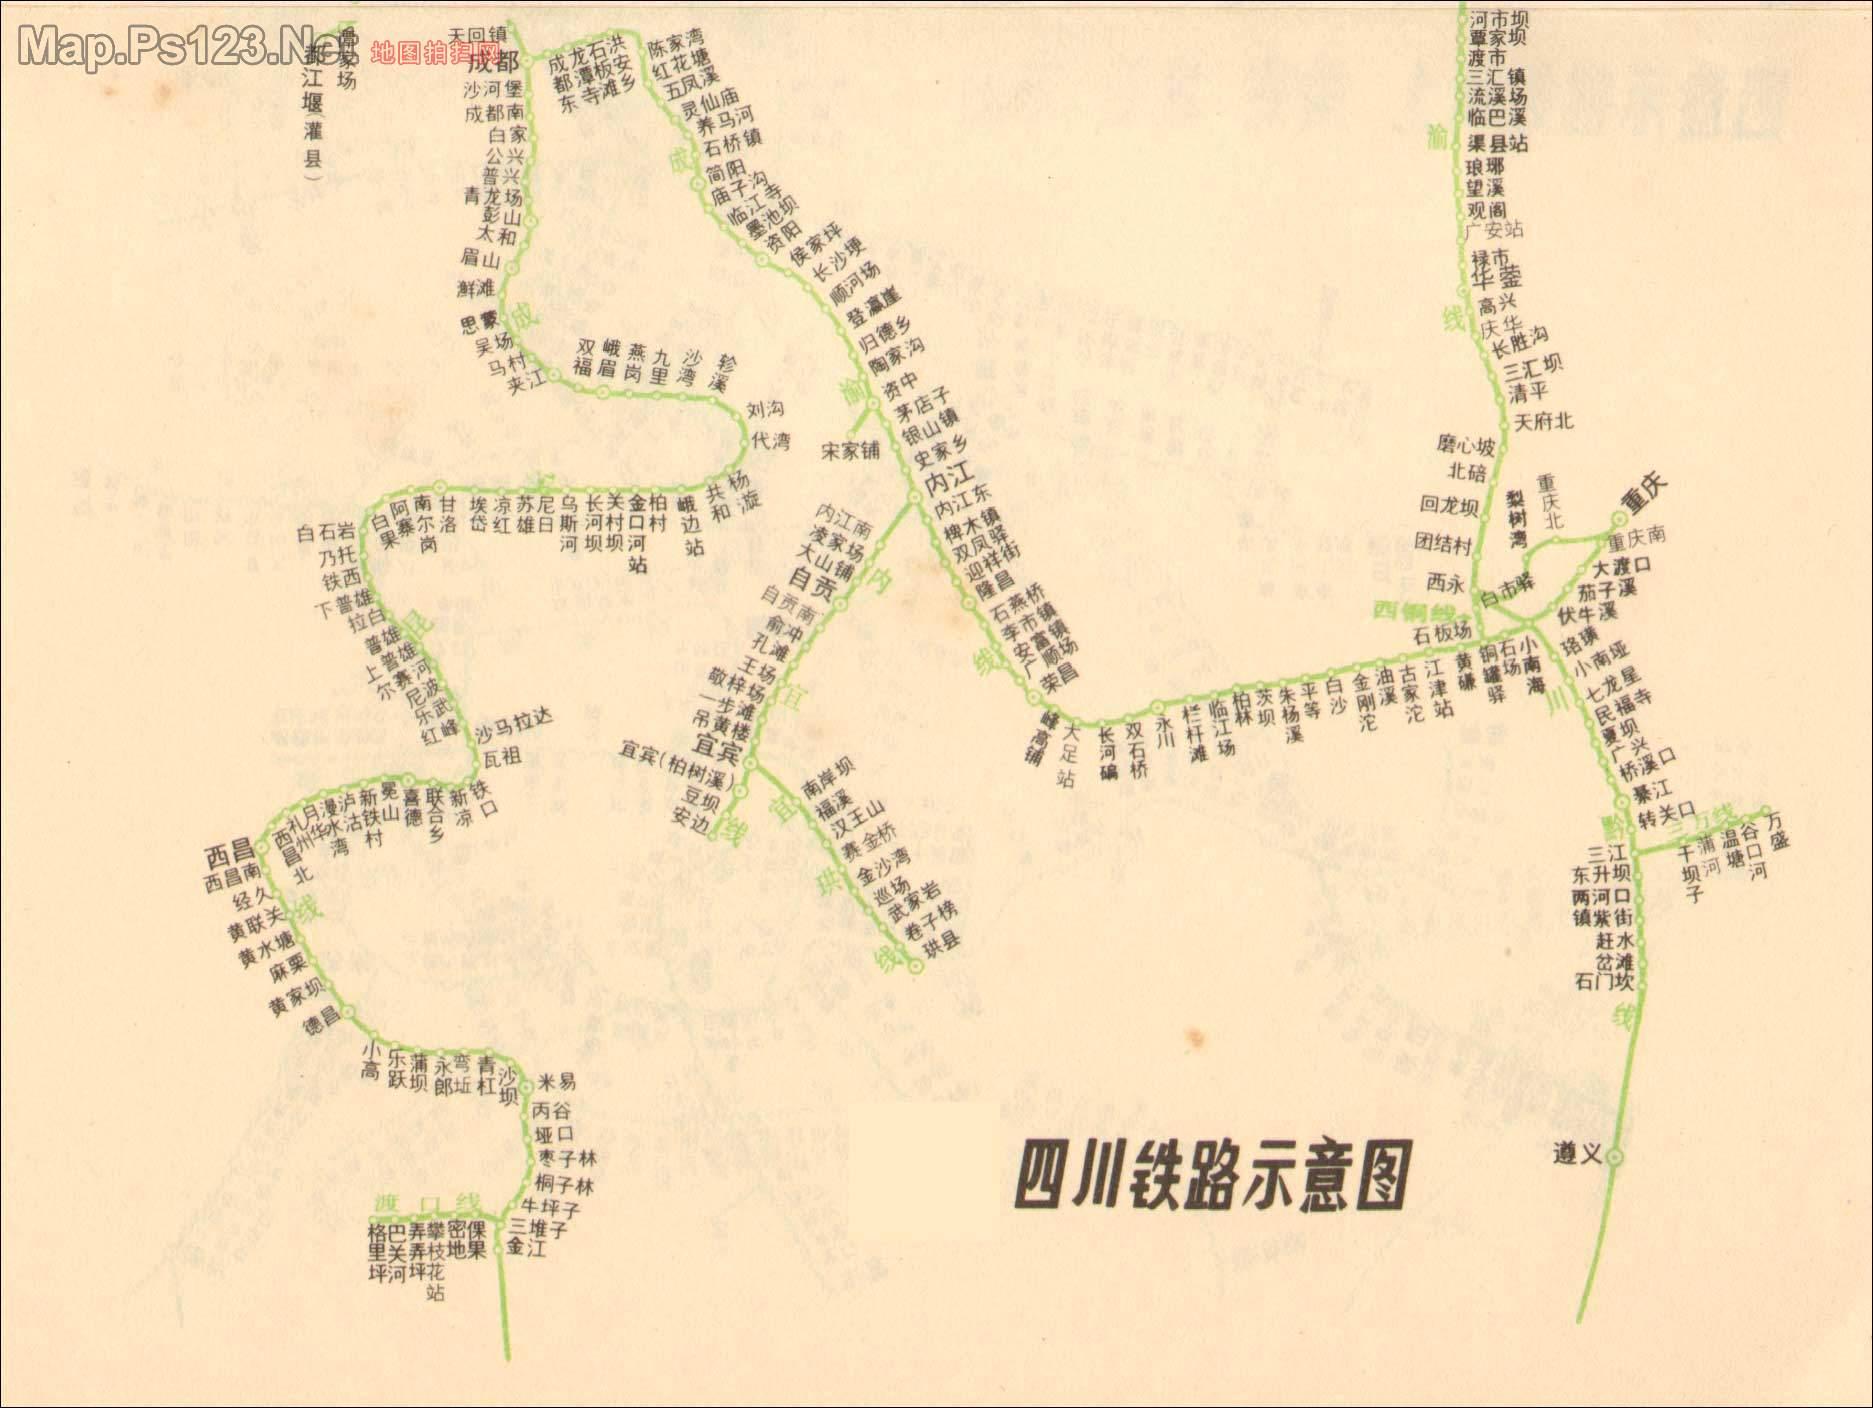 陕西铁路线路图  | 铁路线路图 |  下一张地图: 山东江苏安徽上海铁路